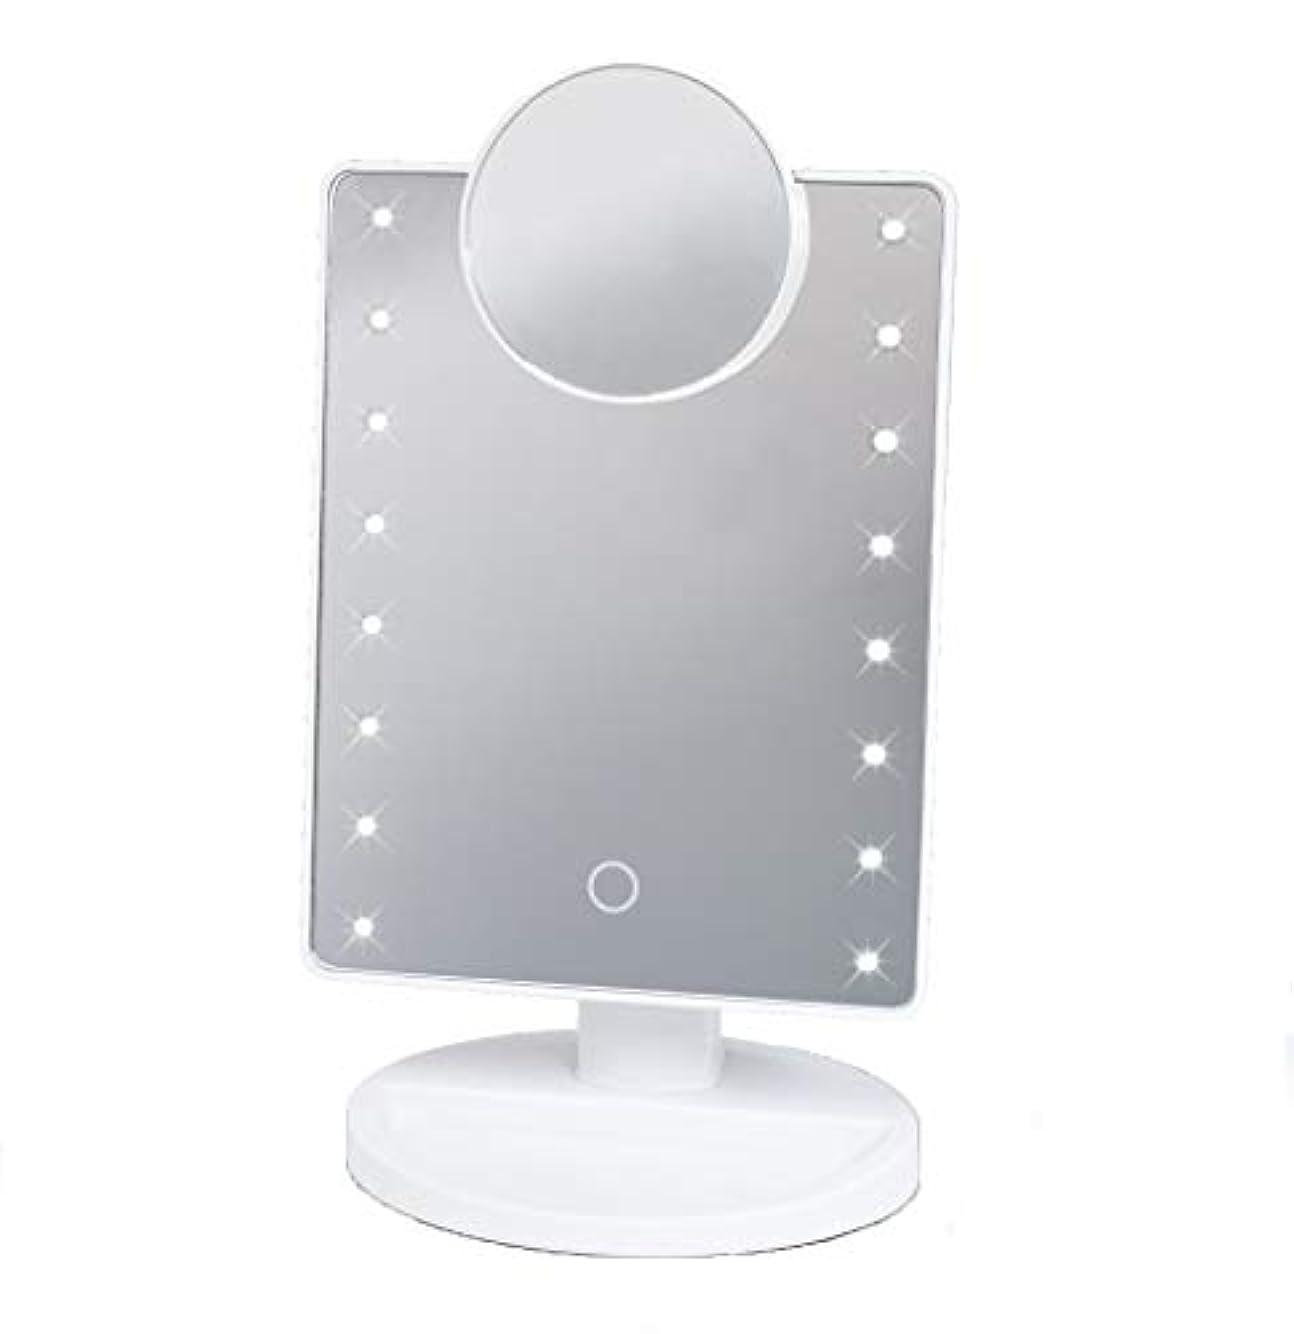 ロードハウス申し込む思想16LED拡大鏡付き メイクアップミラー HAC2053